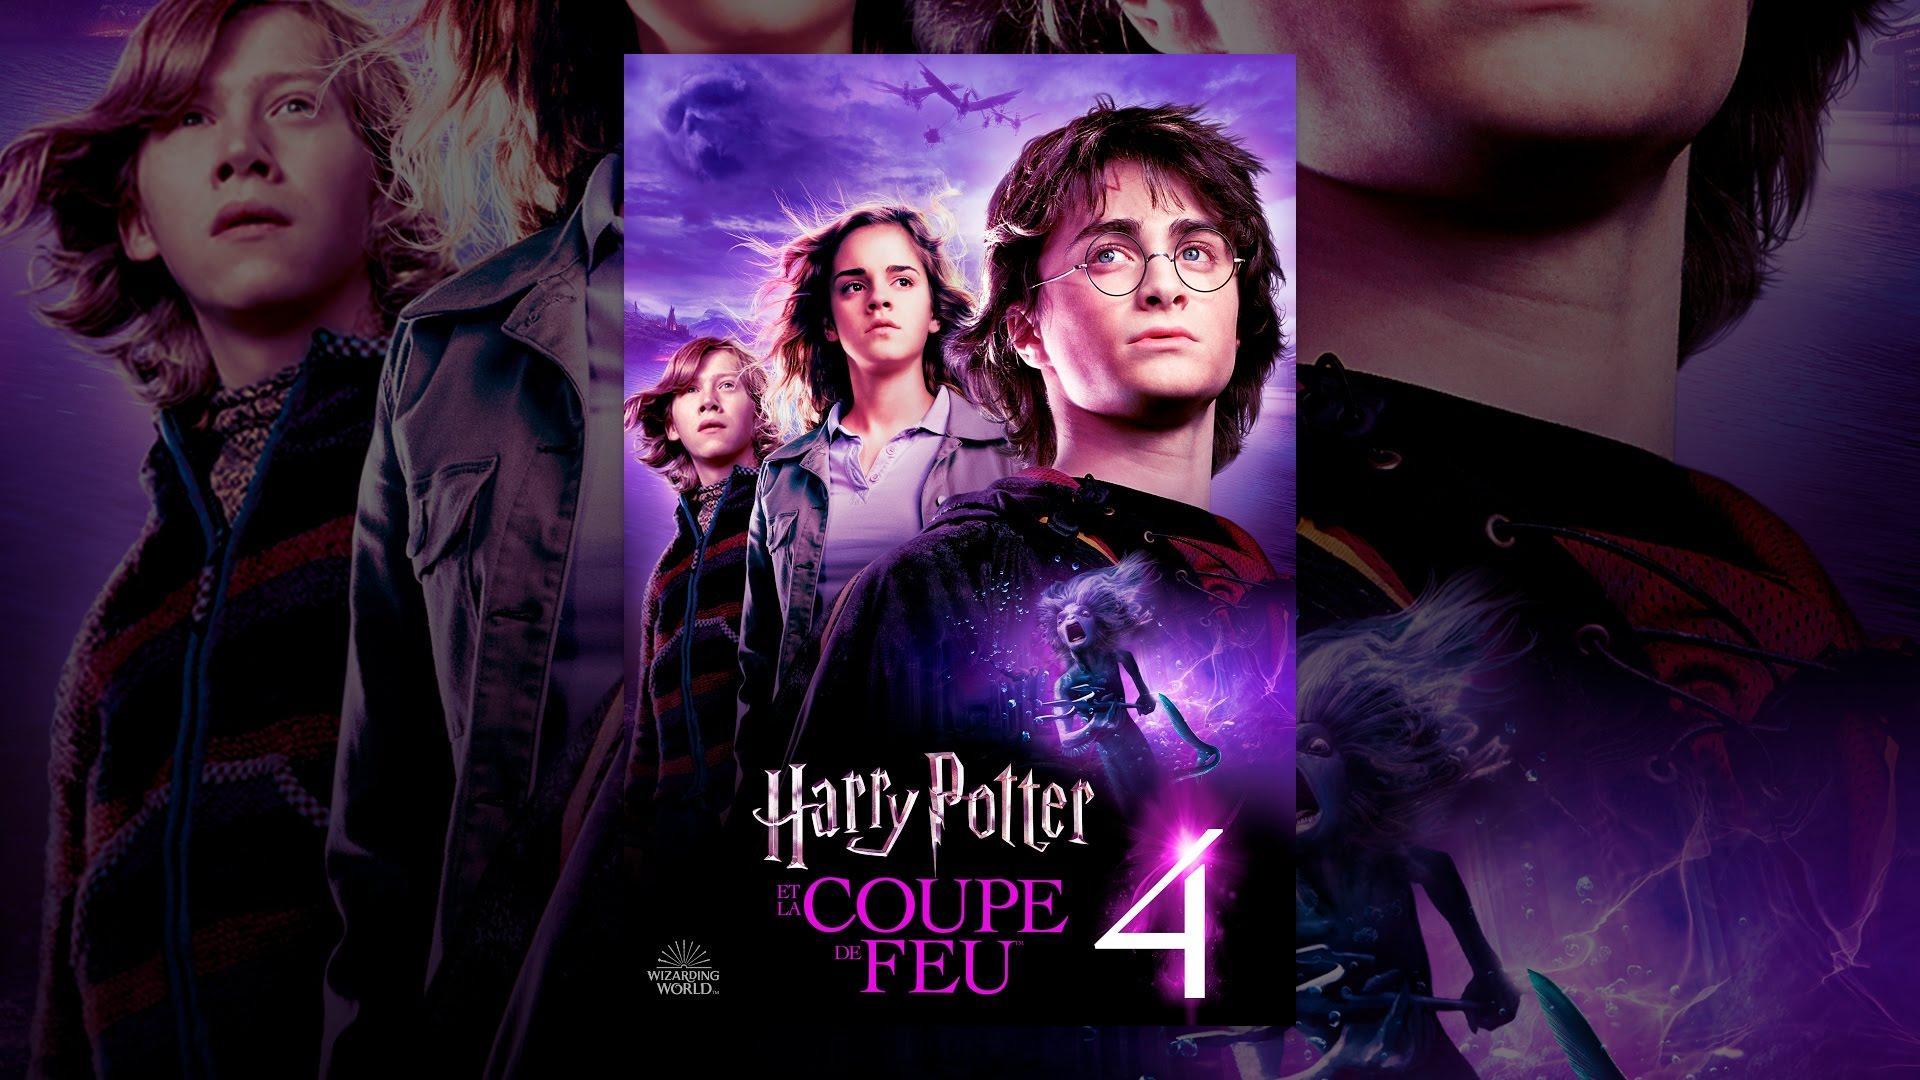 Harry potter et la coupe de feu vf youtube - Harry potter et la coupe du feu ...